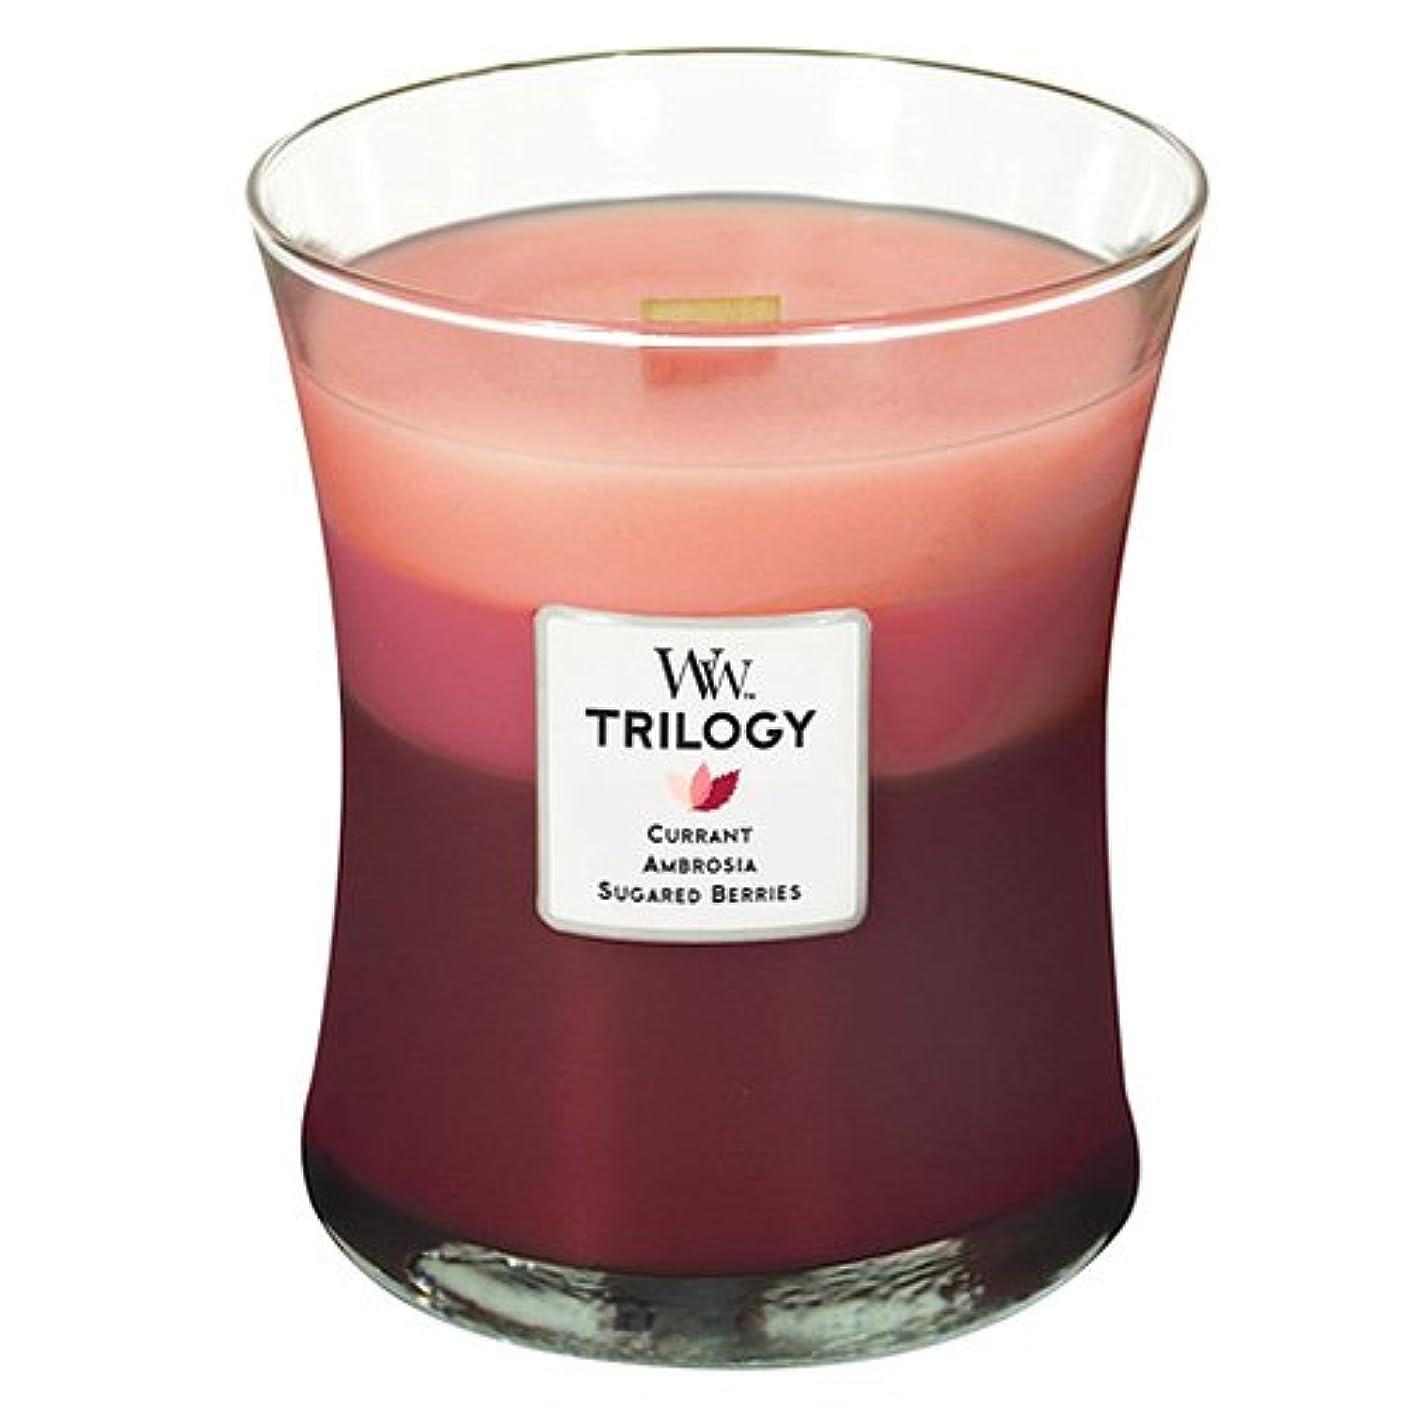 人に関する限りミュウミュウ武器Woodwick Candleフルーツ誘惑Trilogy Medium Jar